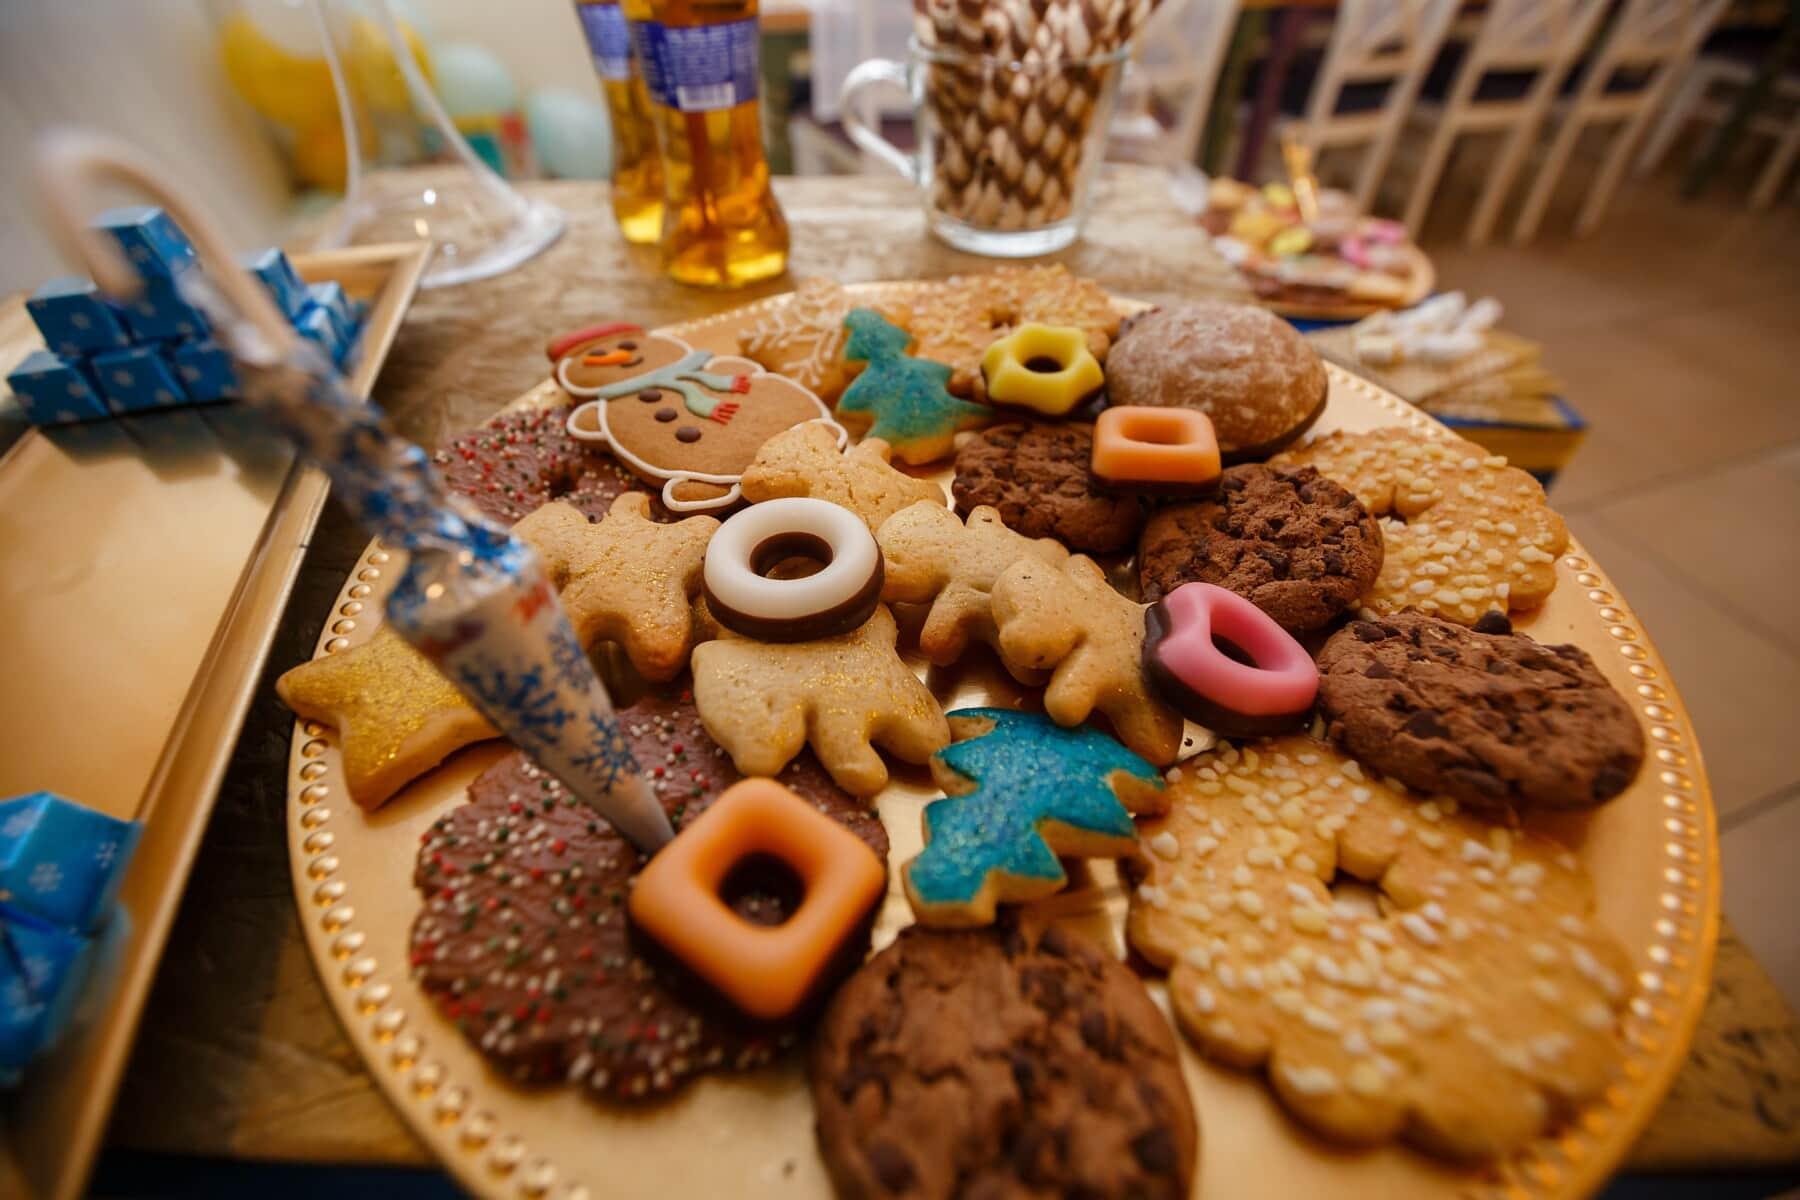 Άρτος αρωματισμένος με τζίντζερ, τα cookies, σπιτικό, πολύχρωμο, κανέλα, μπισκότο, ψημένα αγαθά, τροφίμων, σνακ, σοκολάτα